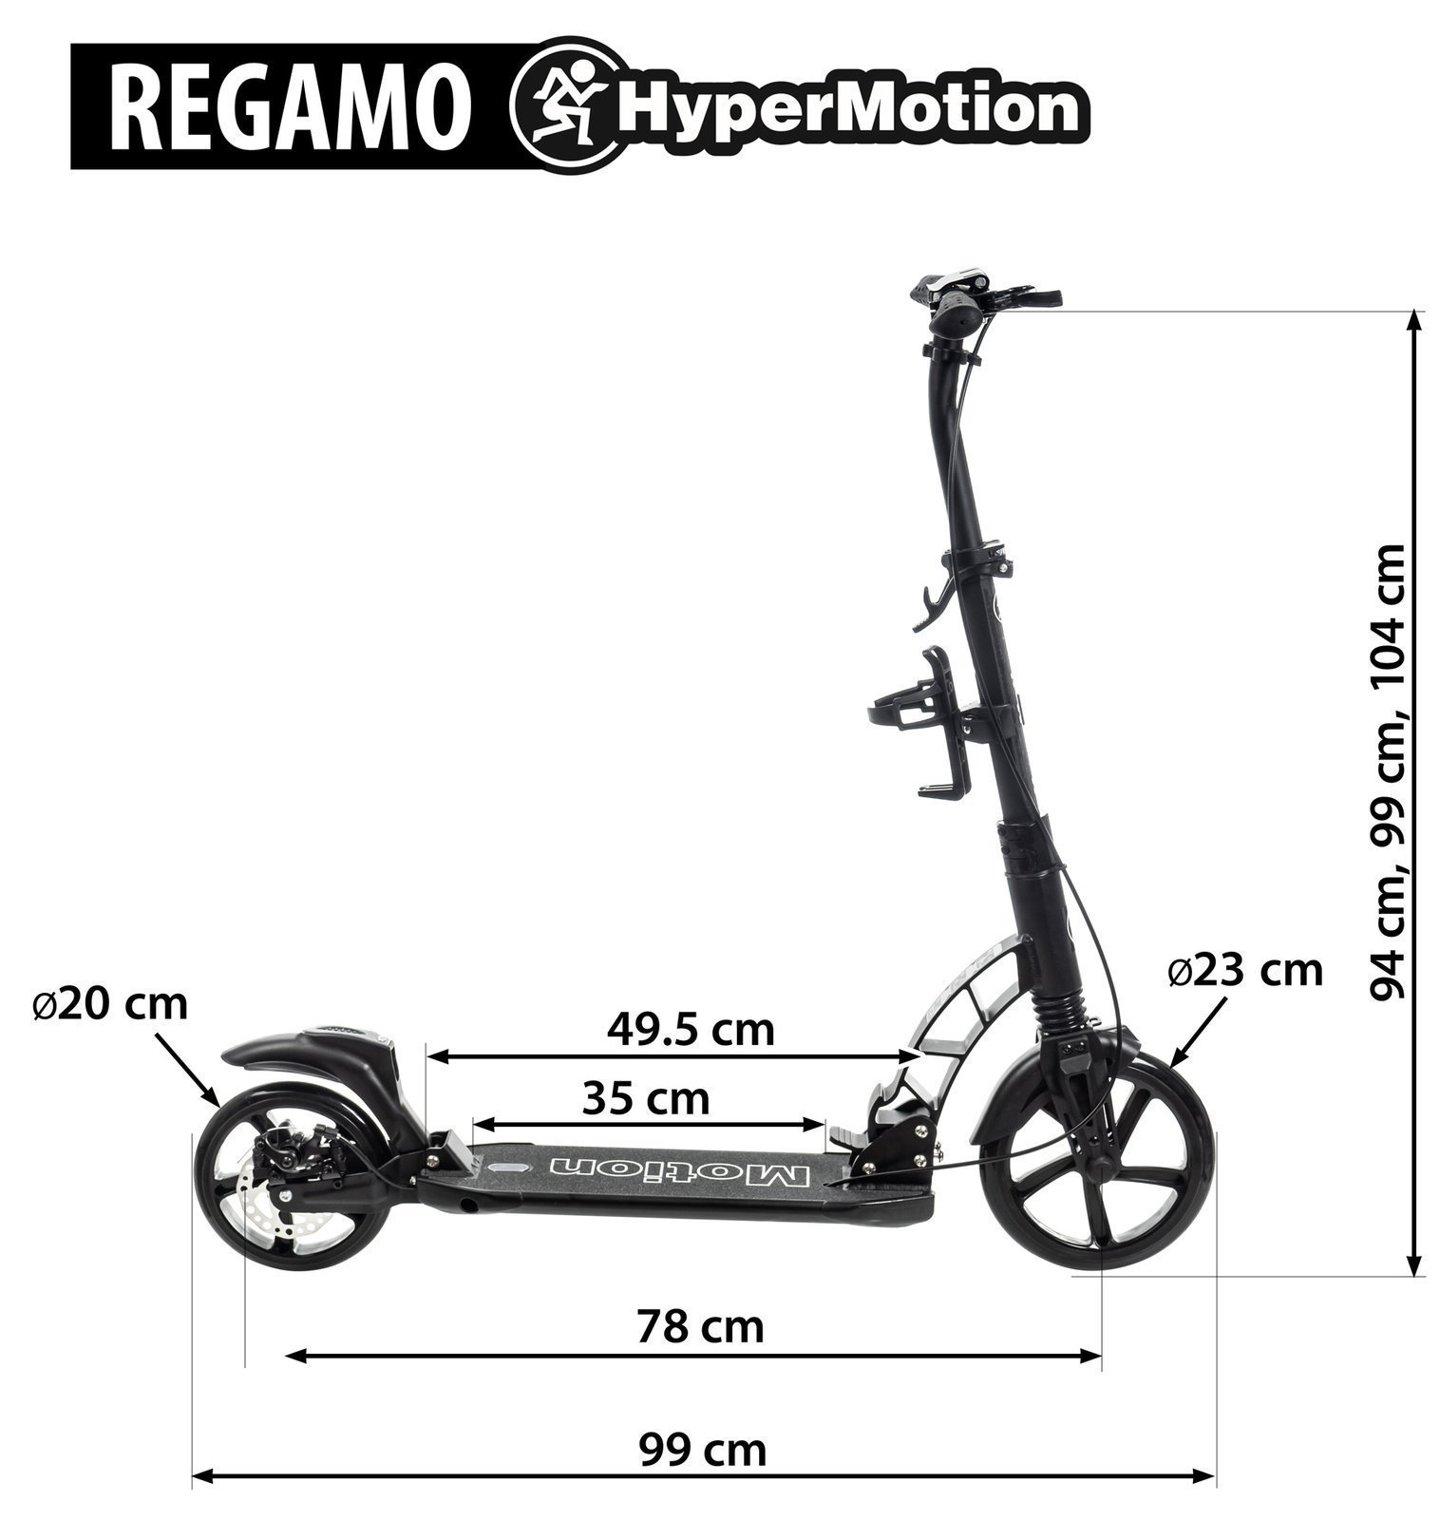 Hulajnoga dla dorosłych HyperMotion REGAMO - czarna